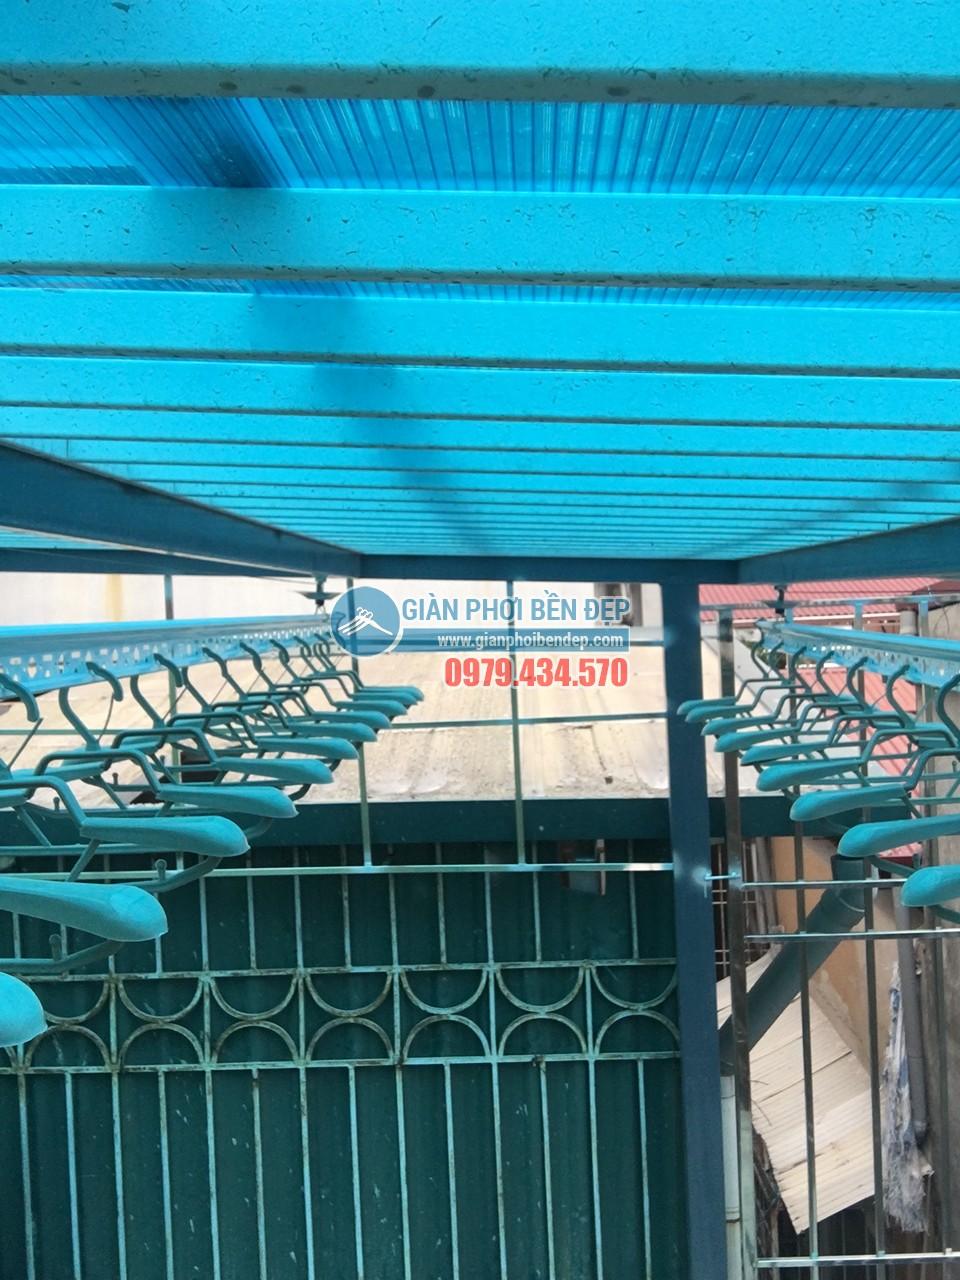 Loạt ảnh cận cảnh về sự thay đổi của sân phơi với giàn phơi thông minh nhà chị Mai, KĐT Mỗ Lao - 05